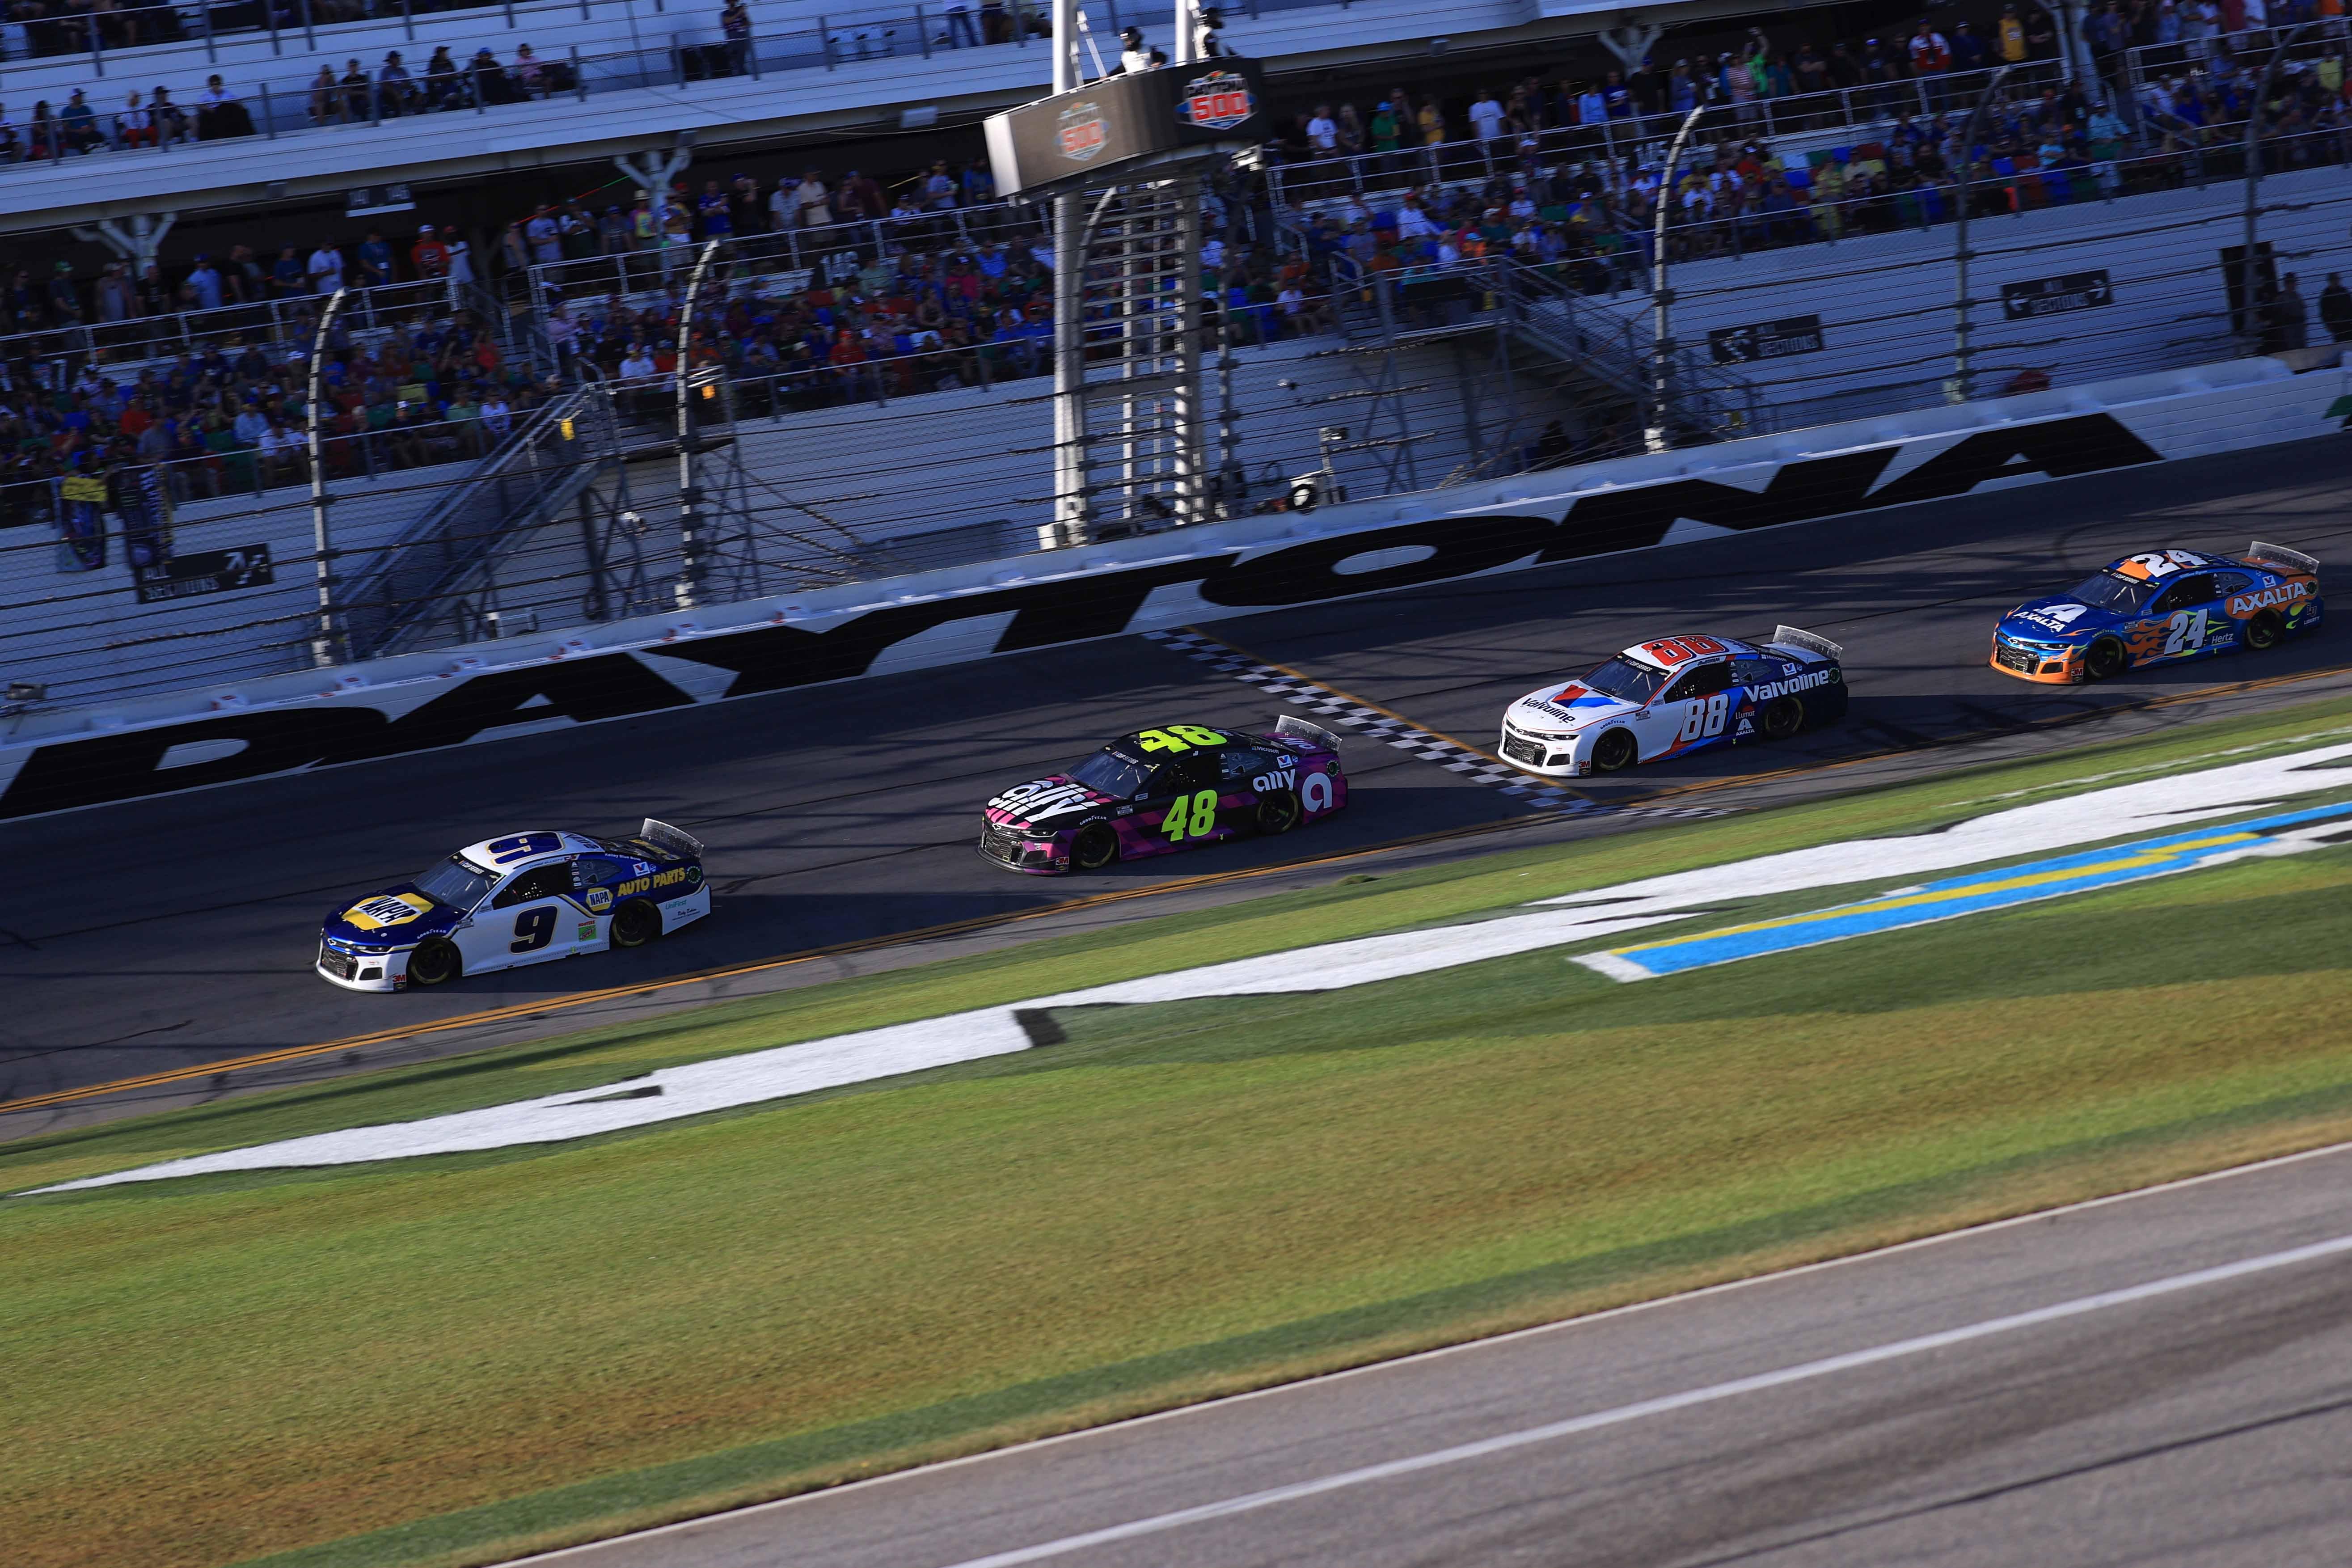 Chase Elliott, Jimmie Johnson, Alex Bowman, William Byron - Hendrick Motorsports at Daytona International Speedway - NASCAR